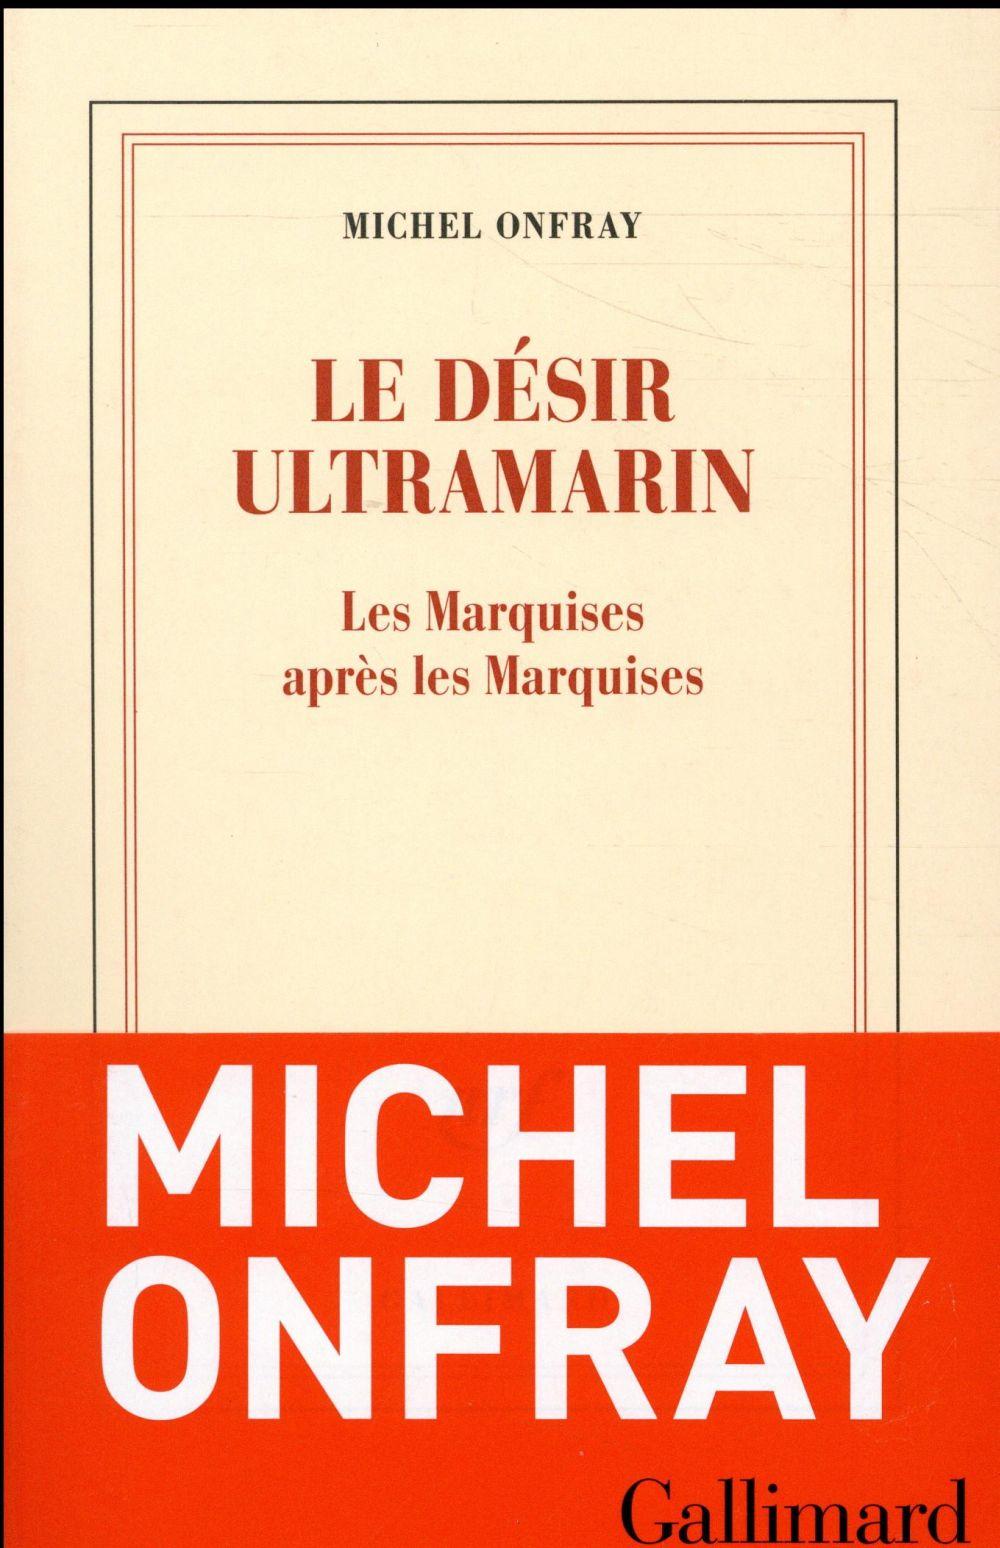 Le désir ultramarin ; les Marquises après les Marquises